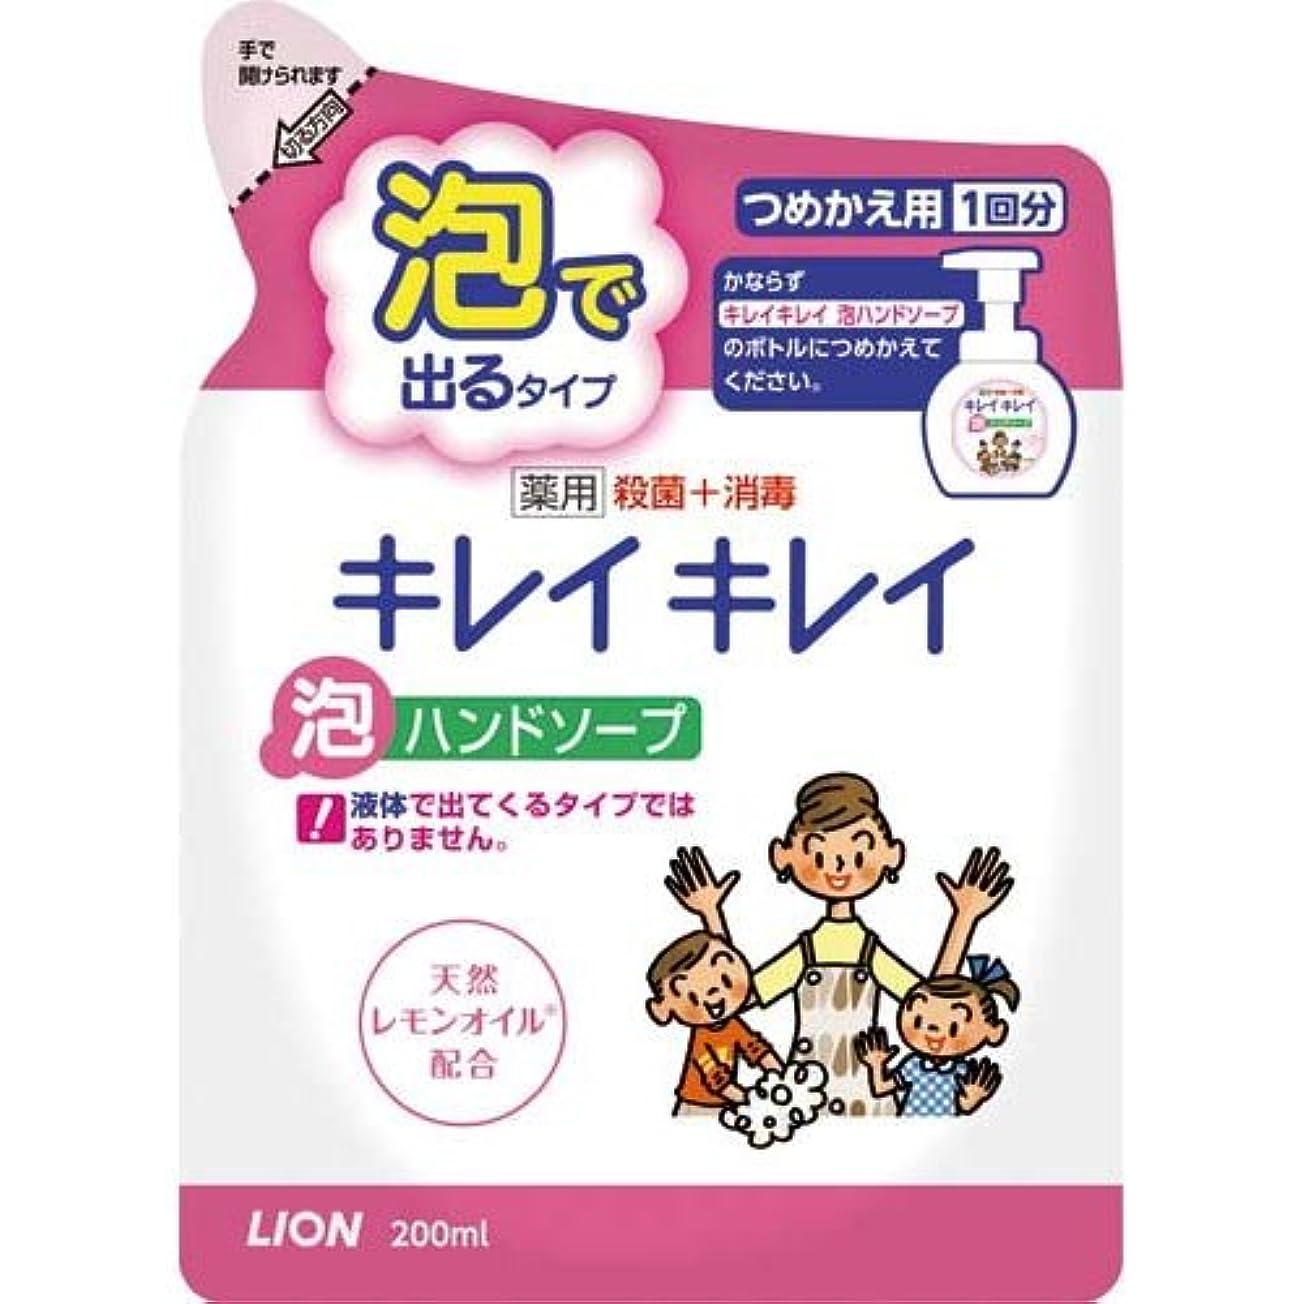 ワイヤー洗う漏れキレイキレイ 薬用泡ハンドソープ つめかえ用 200mL(医薬部外品) ライオン